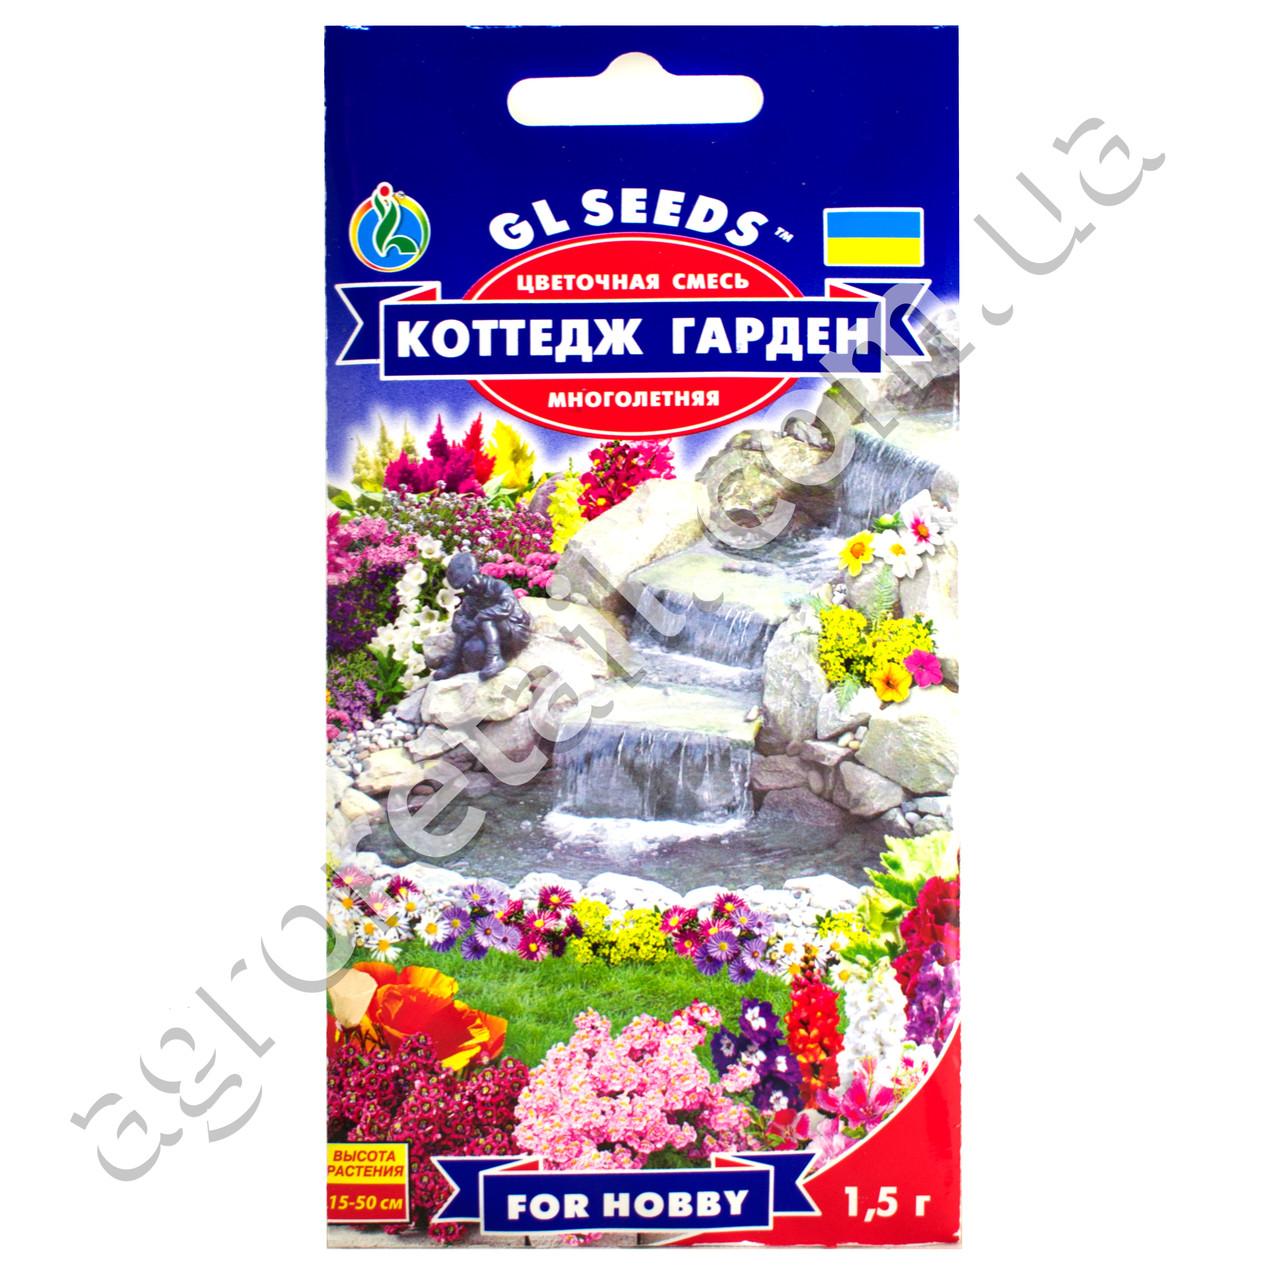 Цветочная смесь Коттедж гарден 1.5 г